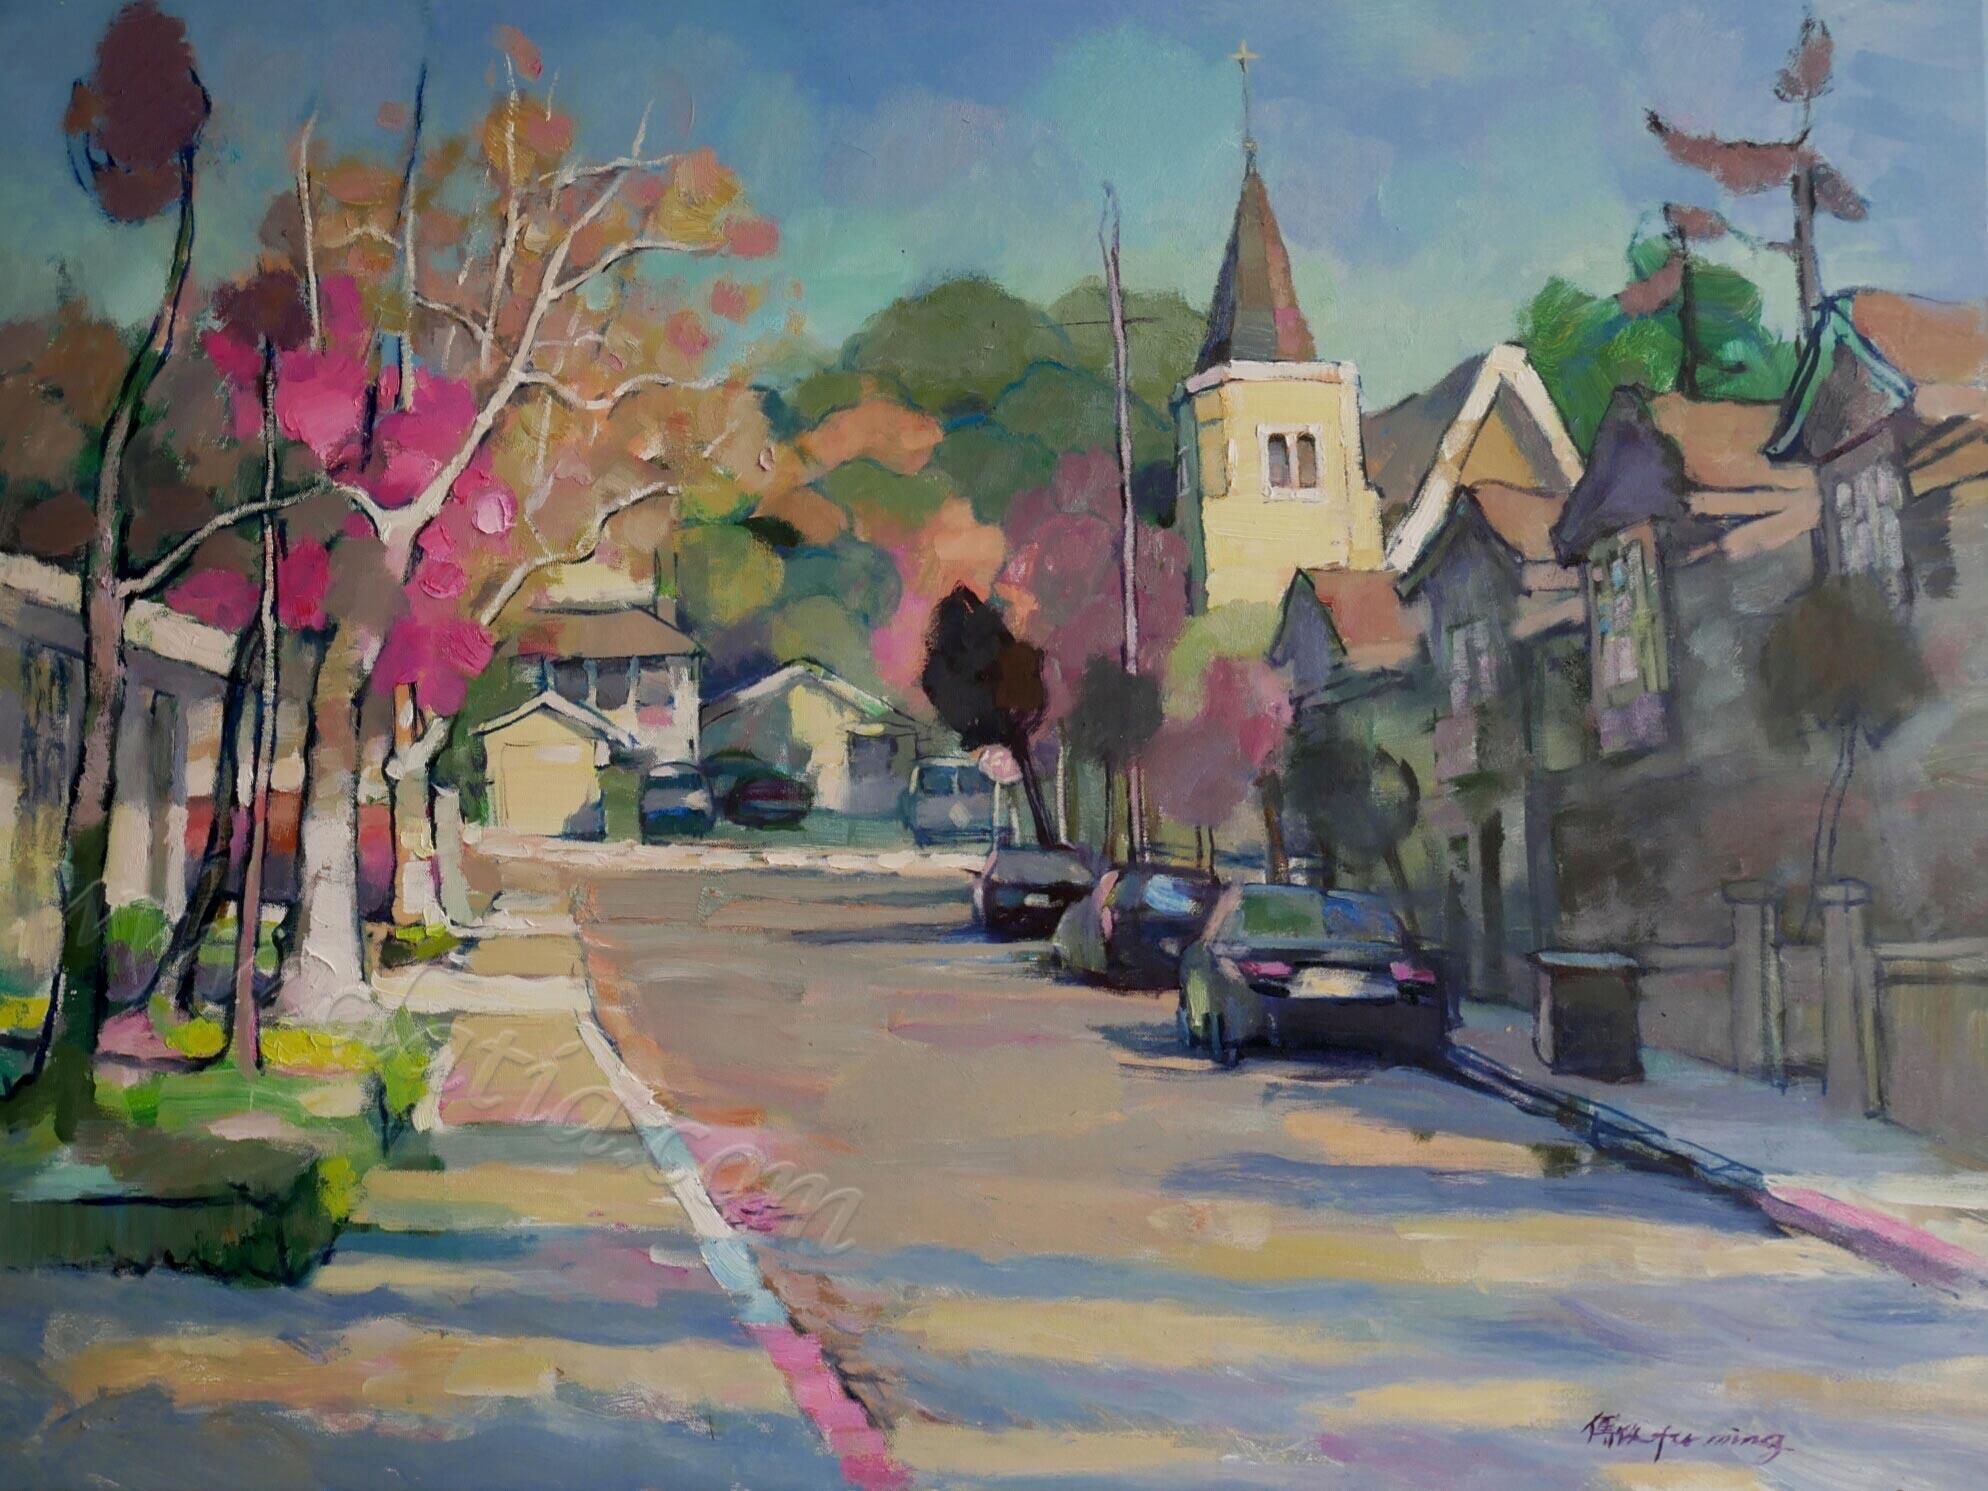 《红树与教堂》布面油画